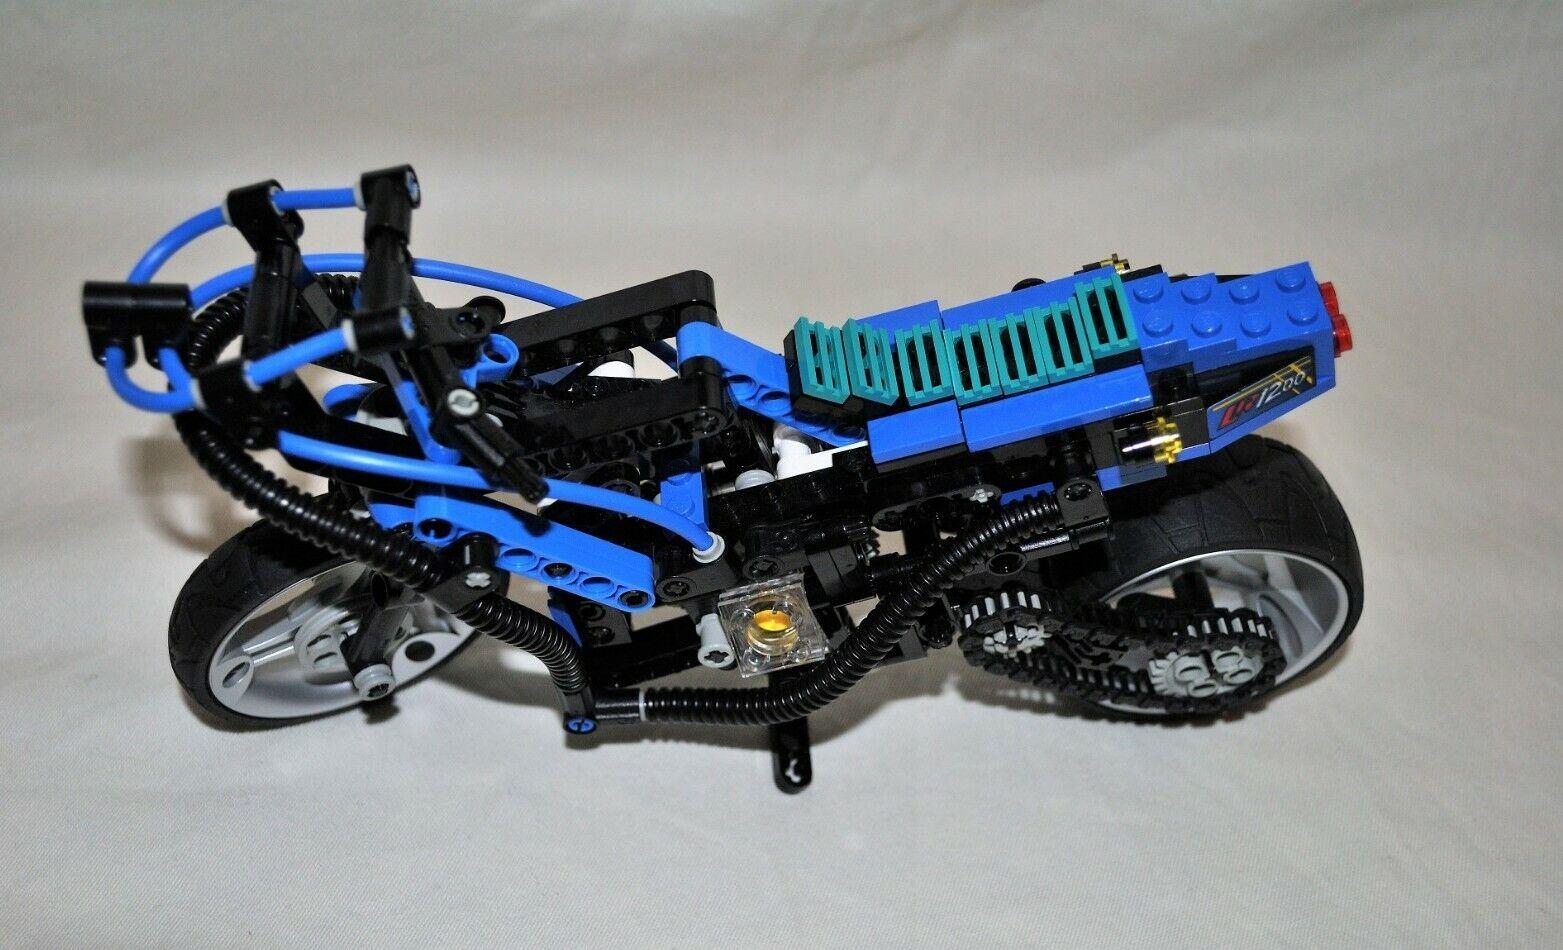 Lego Technik Motorrad 8417 mit original Bauanleitung